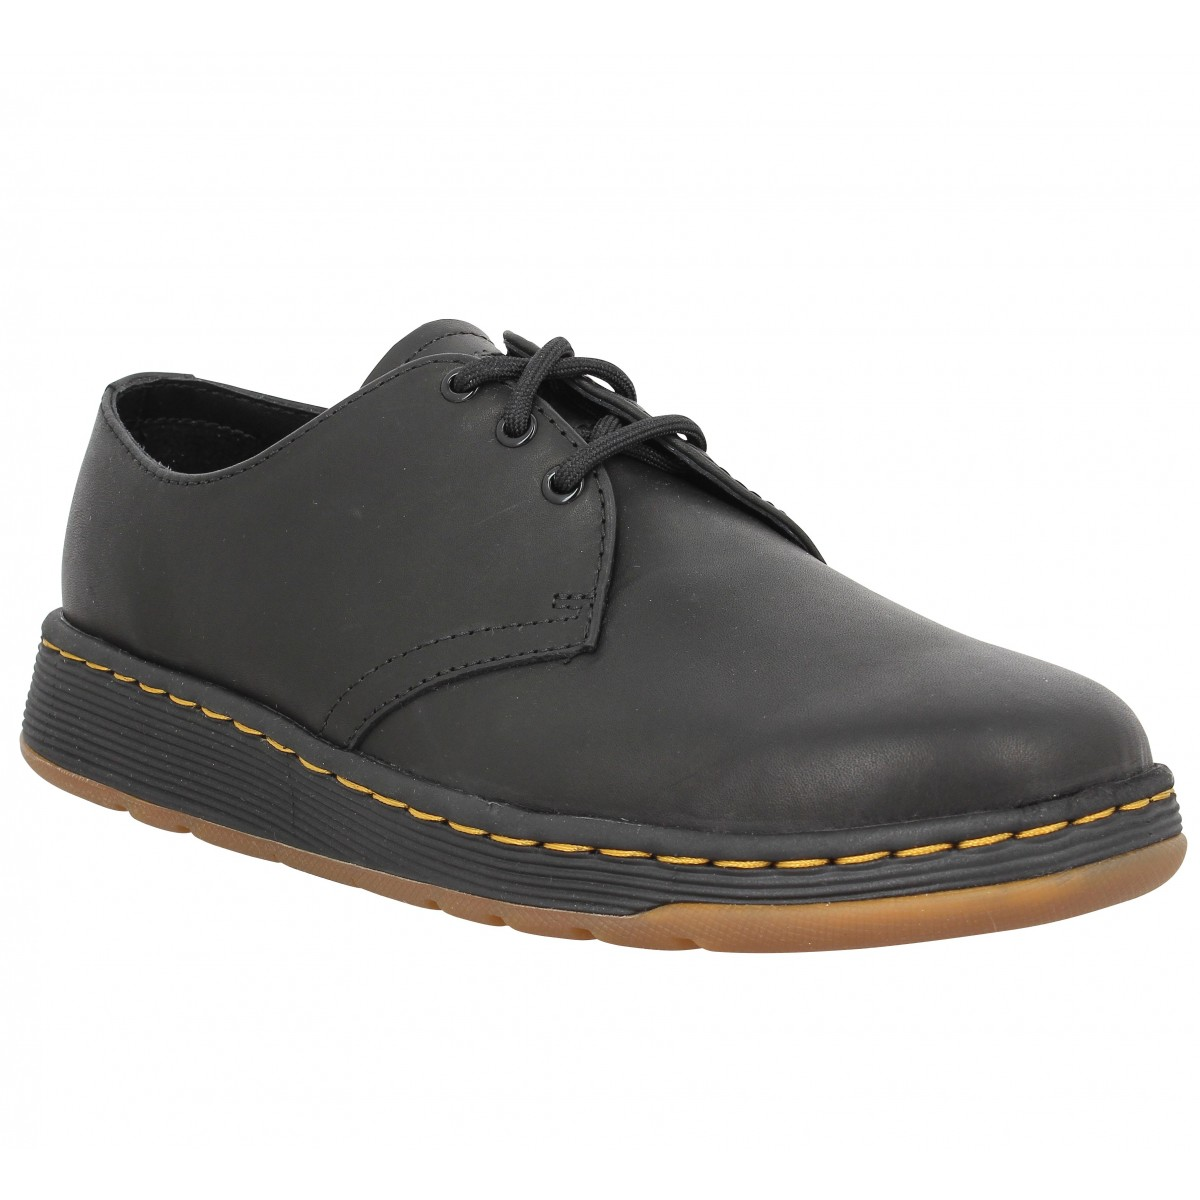 Chaussures à lacets Dr MARTENS Cavendish Femme Noir